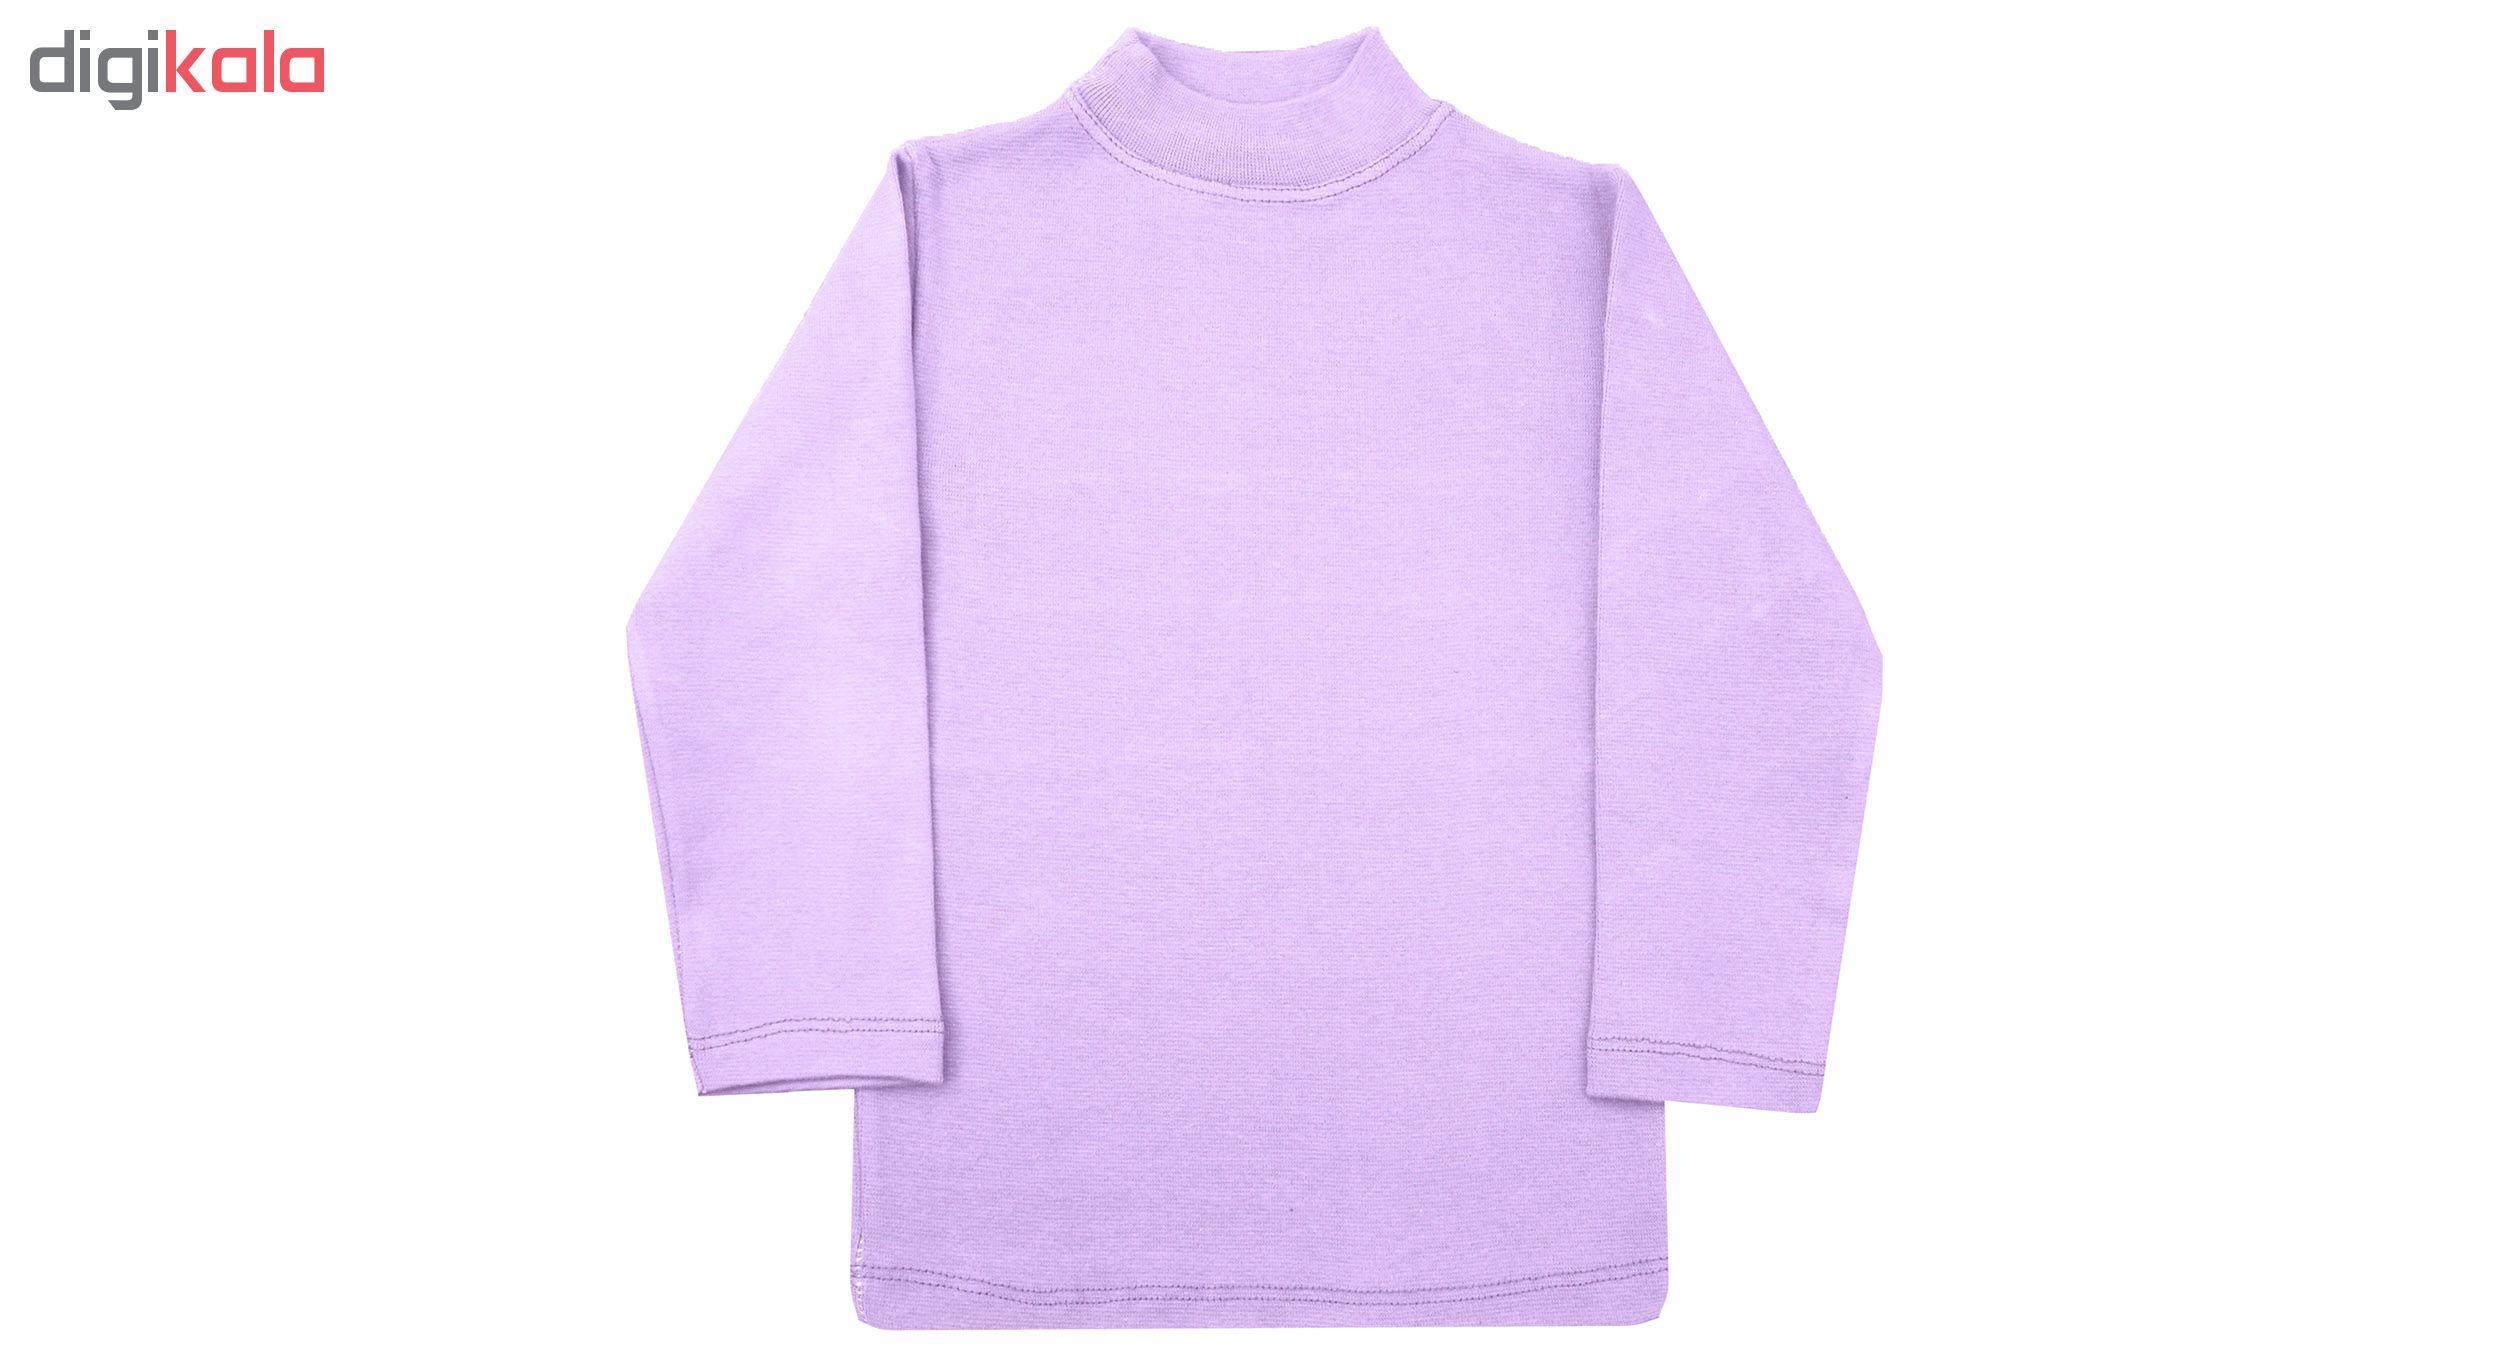 تاپ و تی شرت راحتی دخترانه و پسرانه